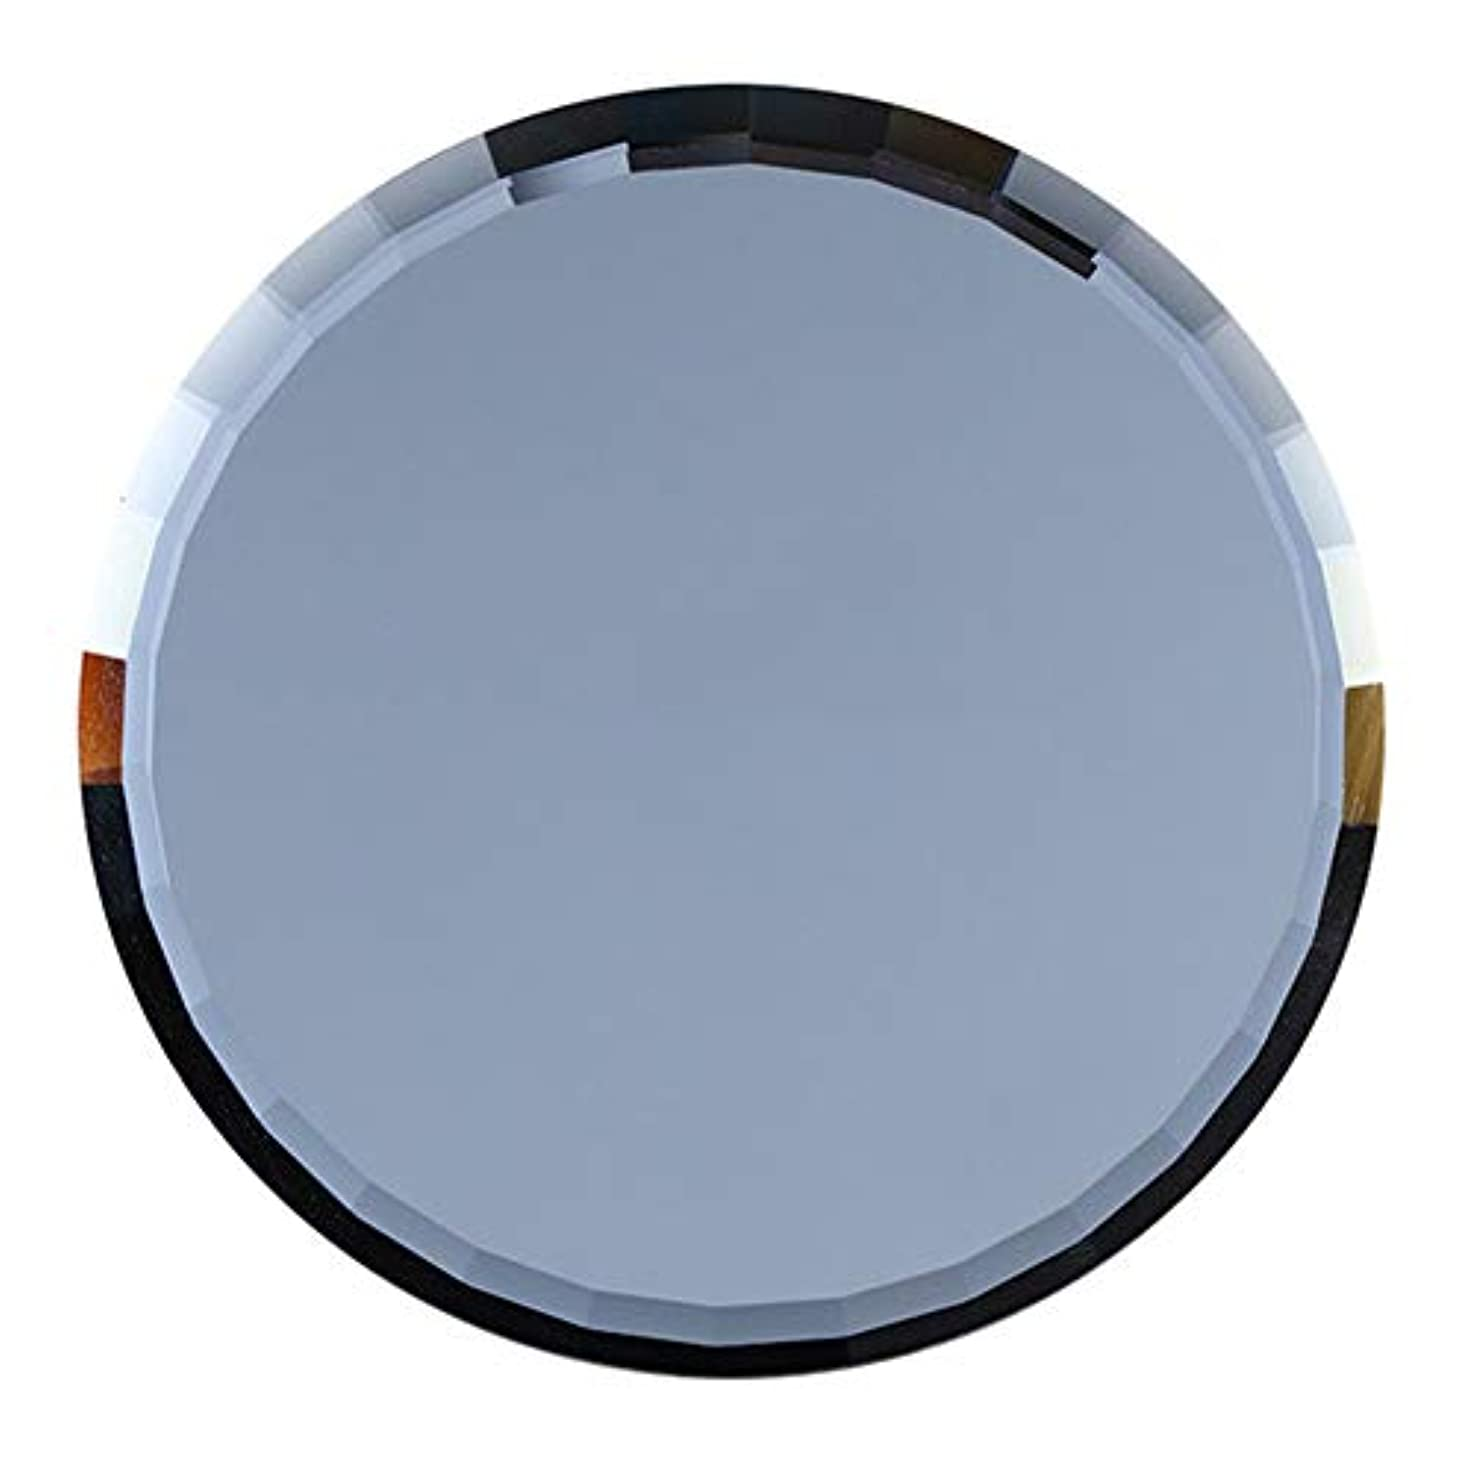 天窓余分な厚さslQinjiansavネイルアート&ツールディスプレイホルダーミラーガラスカラーパレット偽ネイルヒントディスプレイボード練習棚を示す - 青